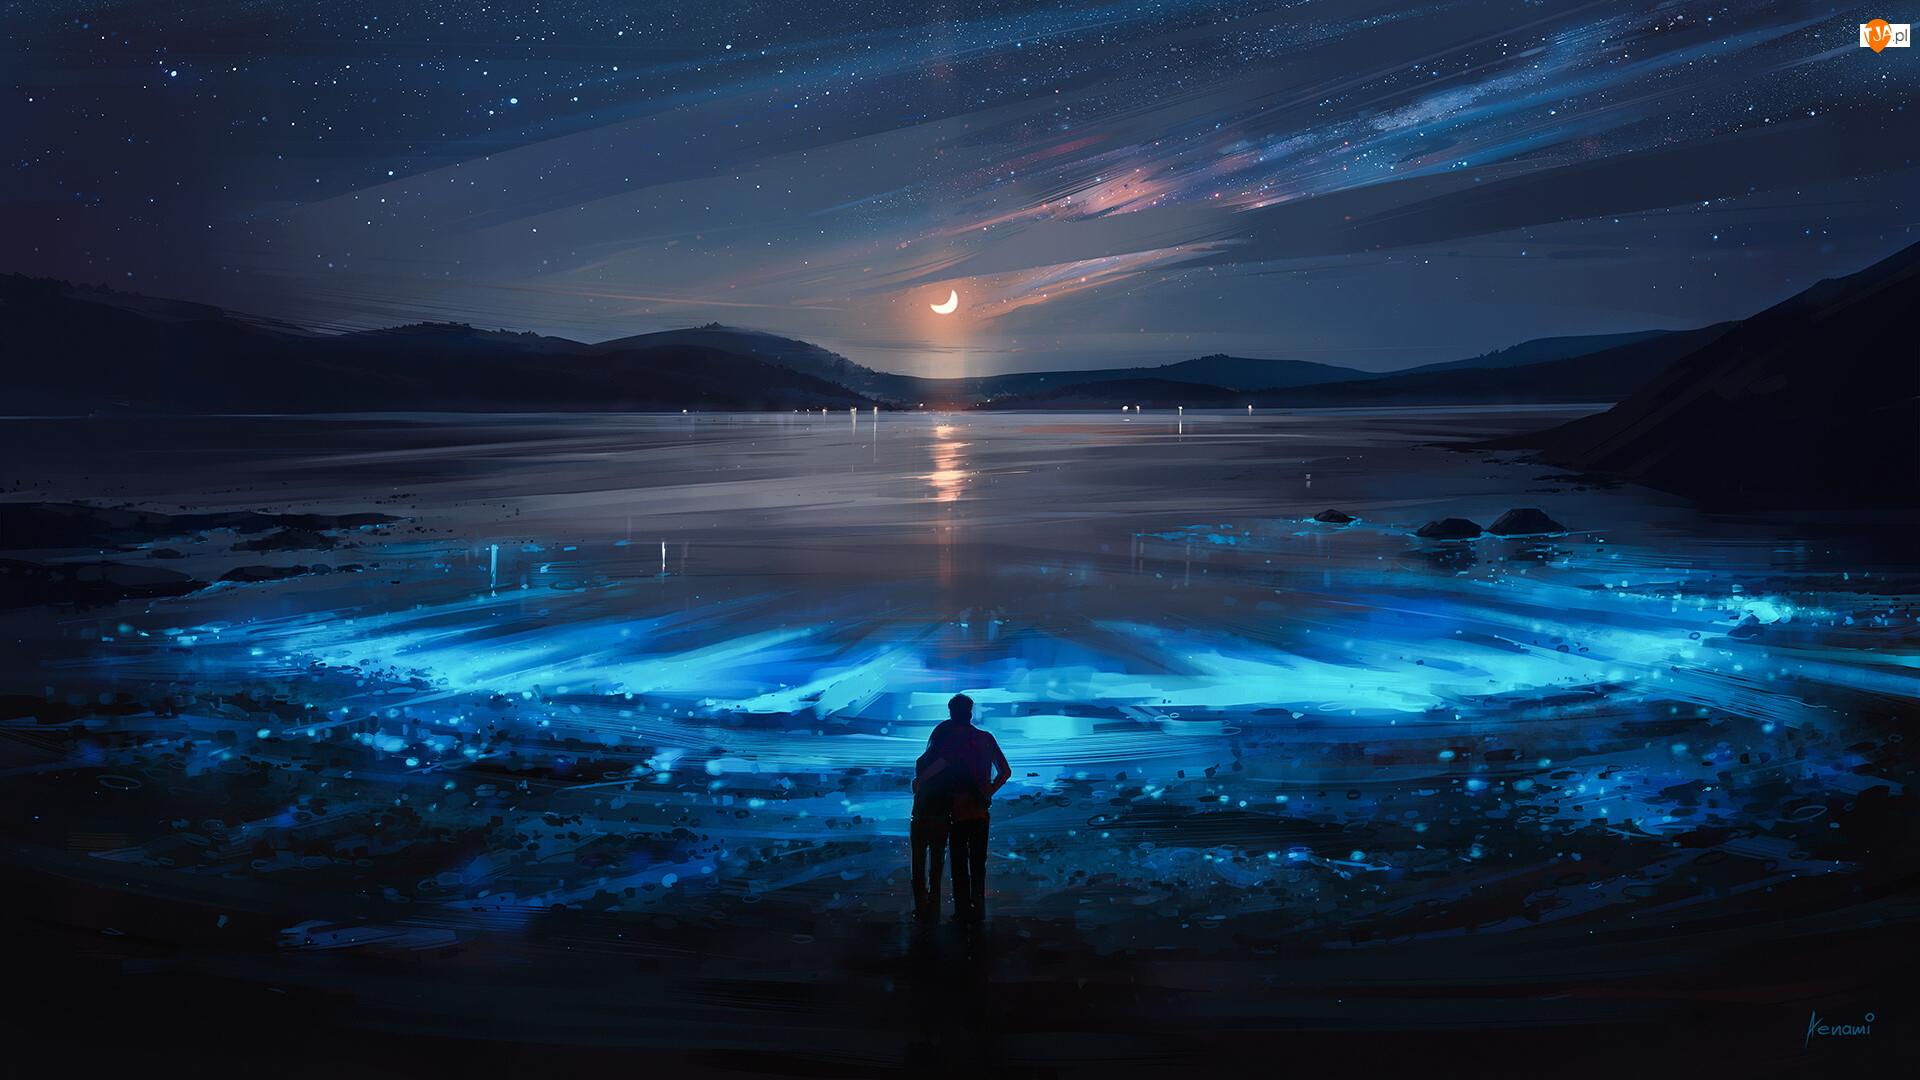 Jezioro, Góry, Księżyc Paintography, Grafika, Noc, Zakochani, Ludzie